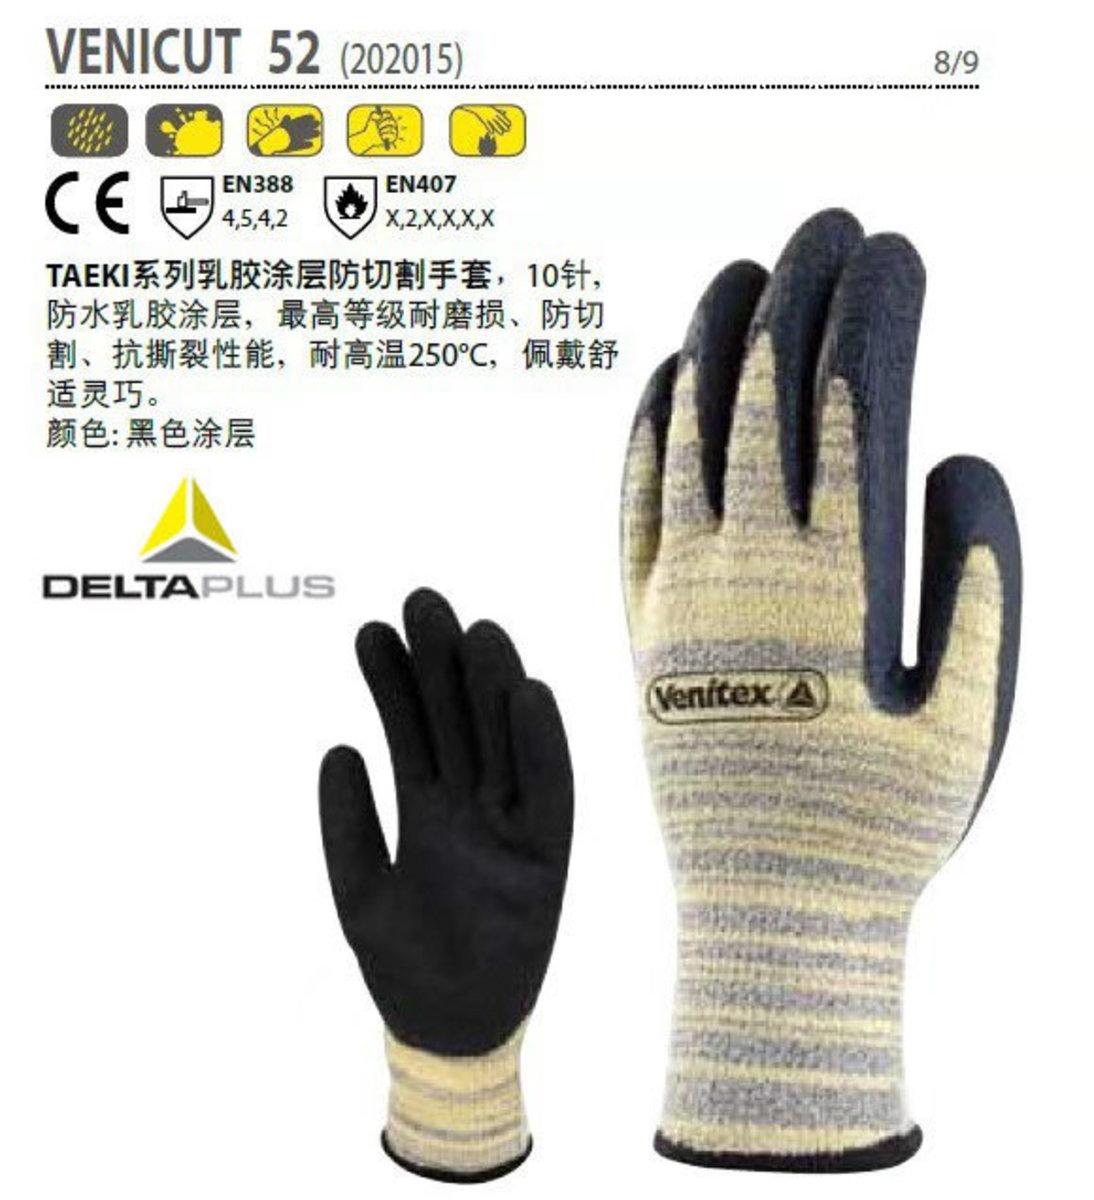 TAEKI系列 乳胶涂层 防切割手套 VENICUT 8/M